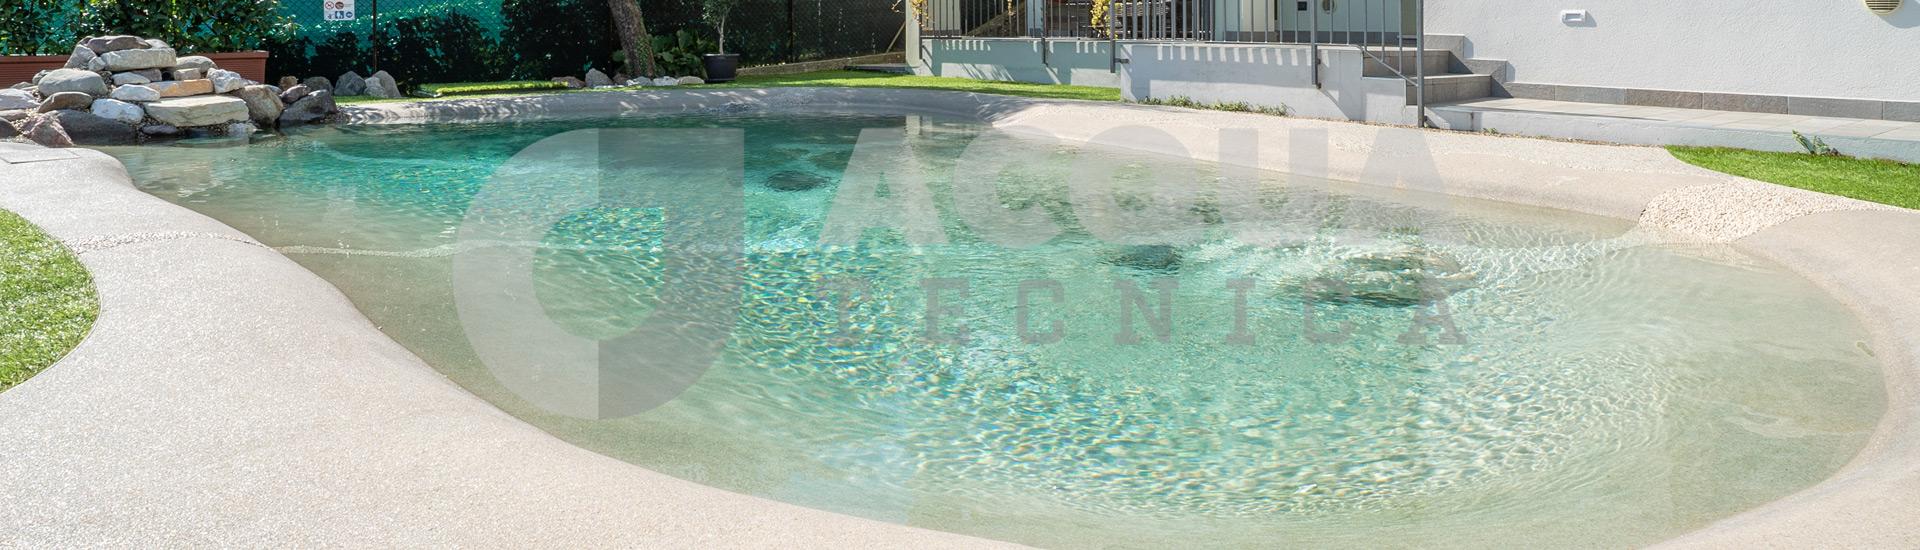 Piscina naturale per casa vacanze a Roè Volciano